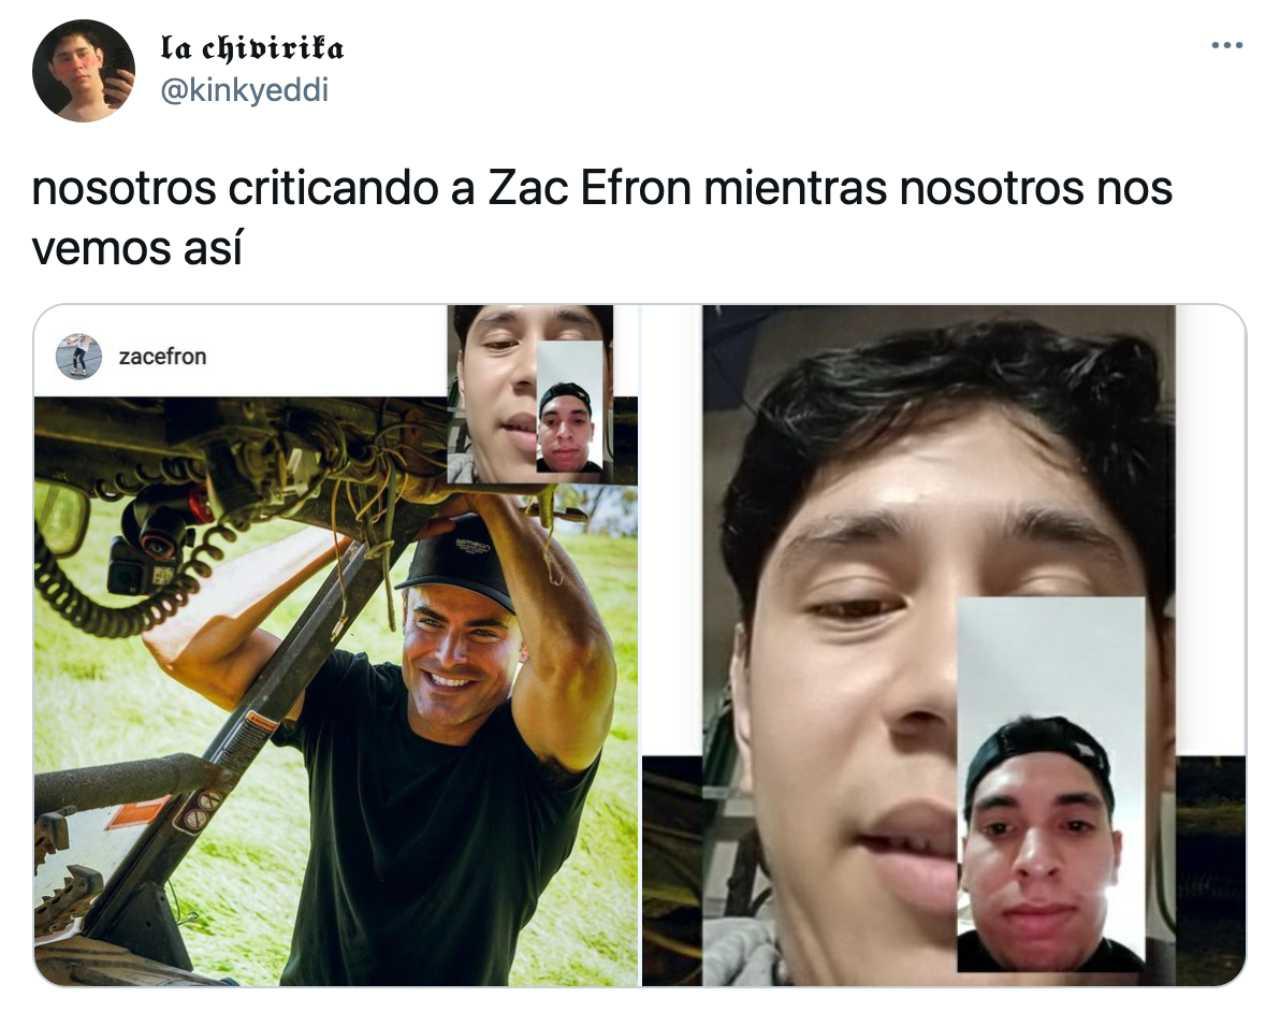 Meme de las críticas a Zac Efron por su rostro